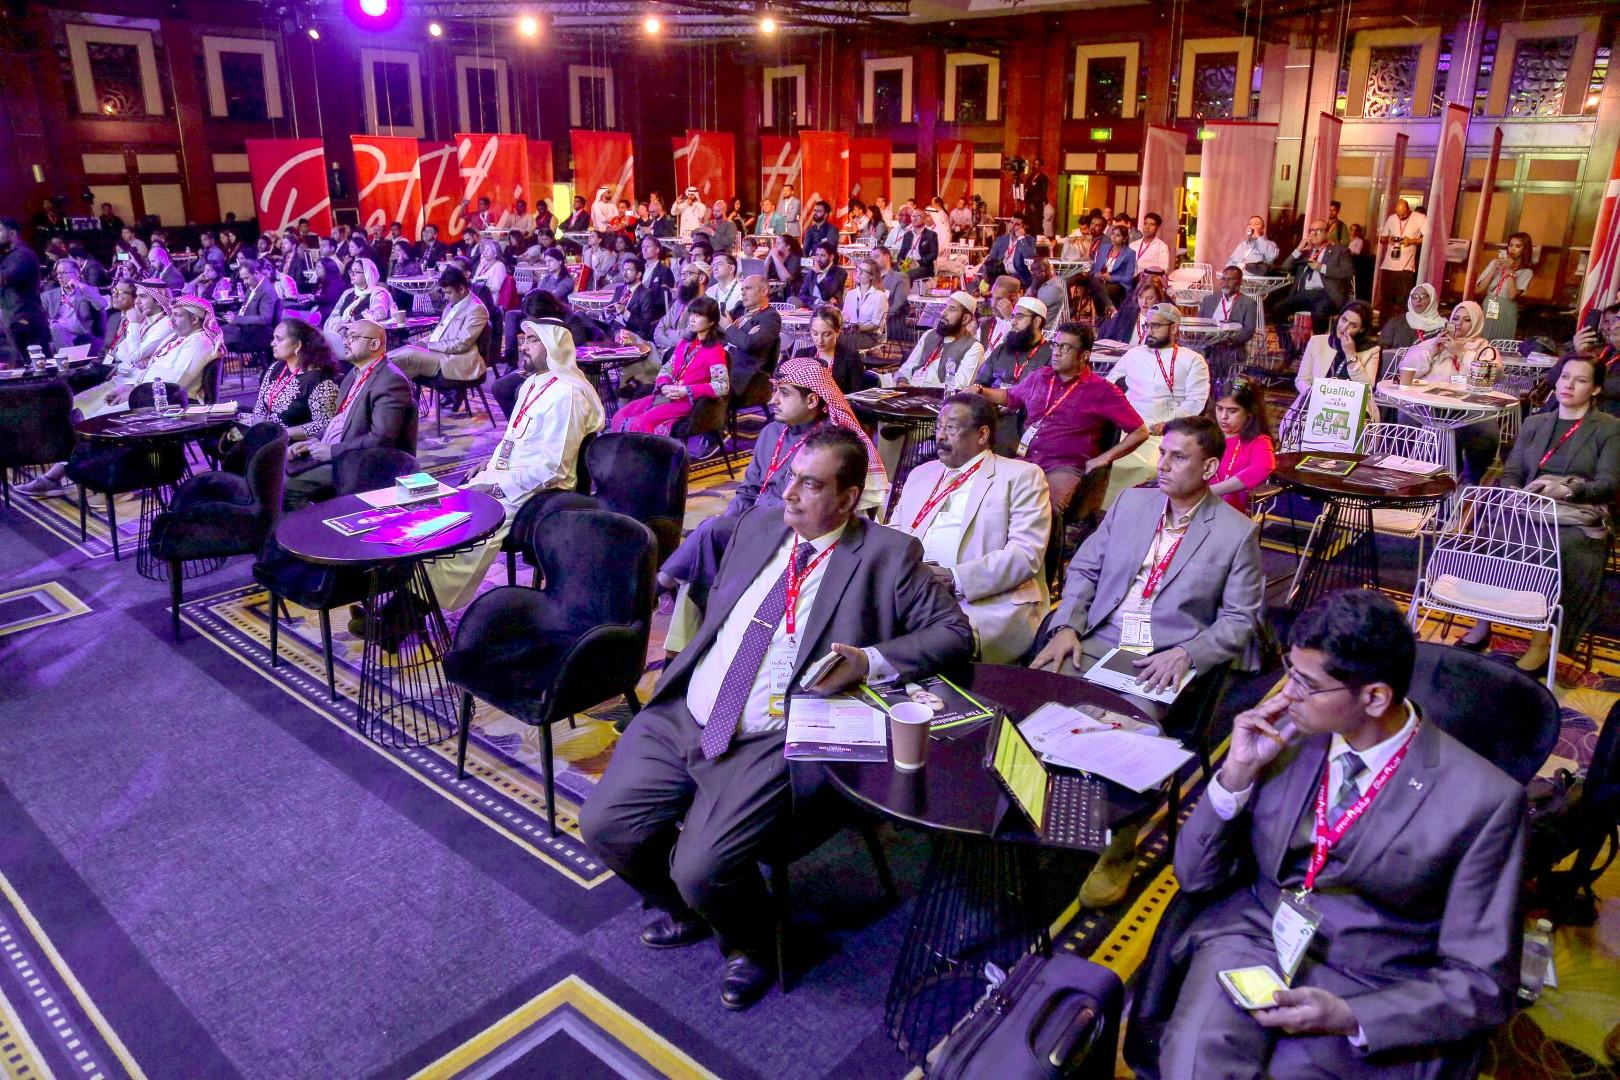 مريم المهيري : الأمن الغذائي أولوية إستراتيجية للقيادة الرشيدة